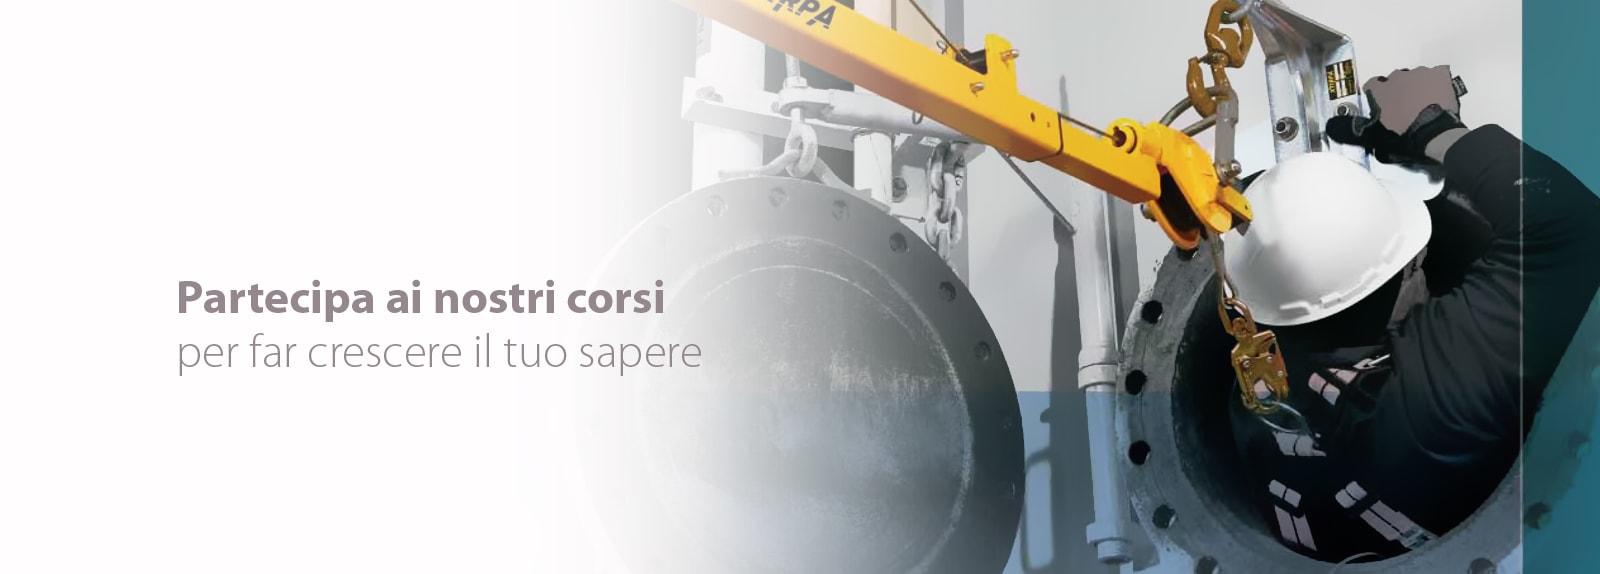 Corsi Spazi Confinati Brescia